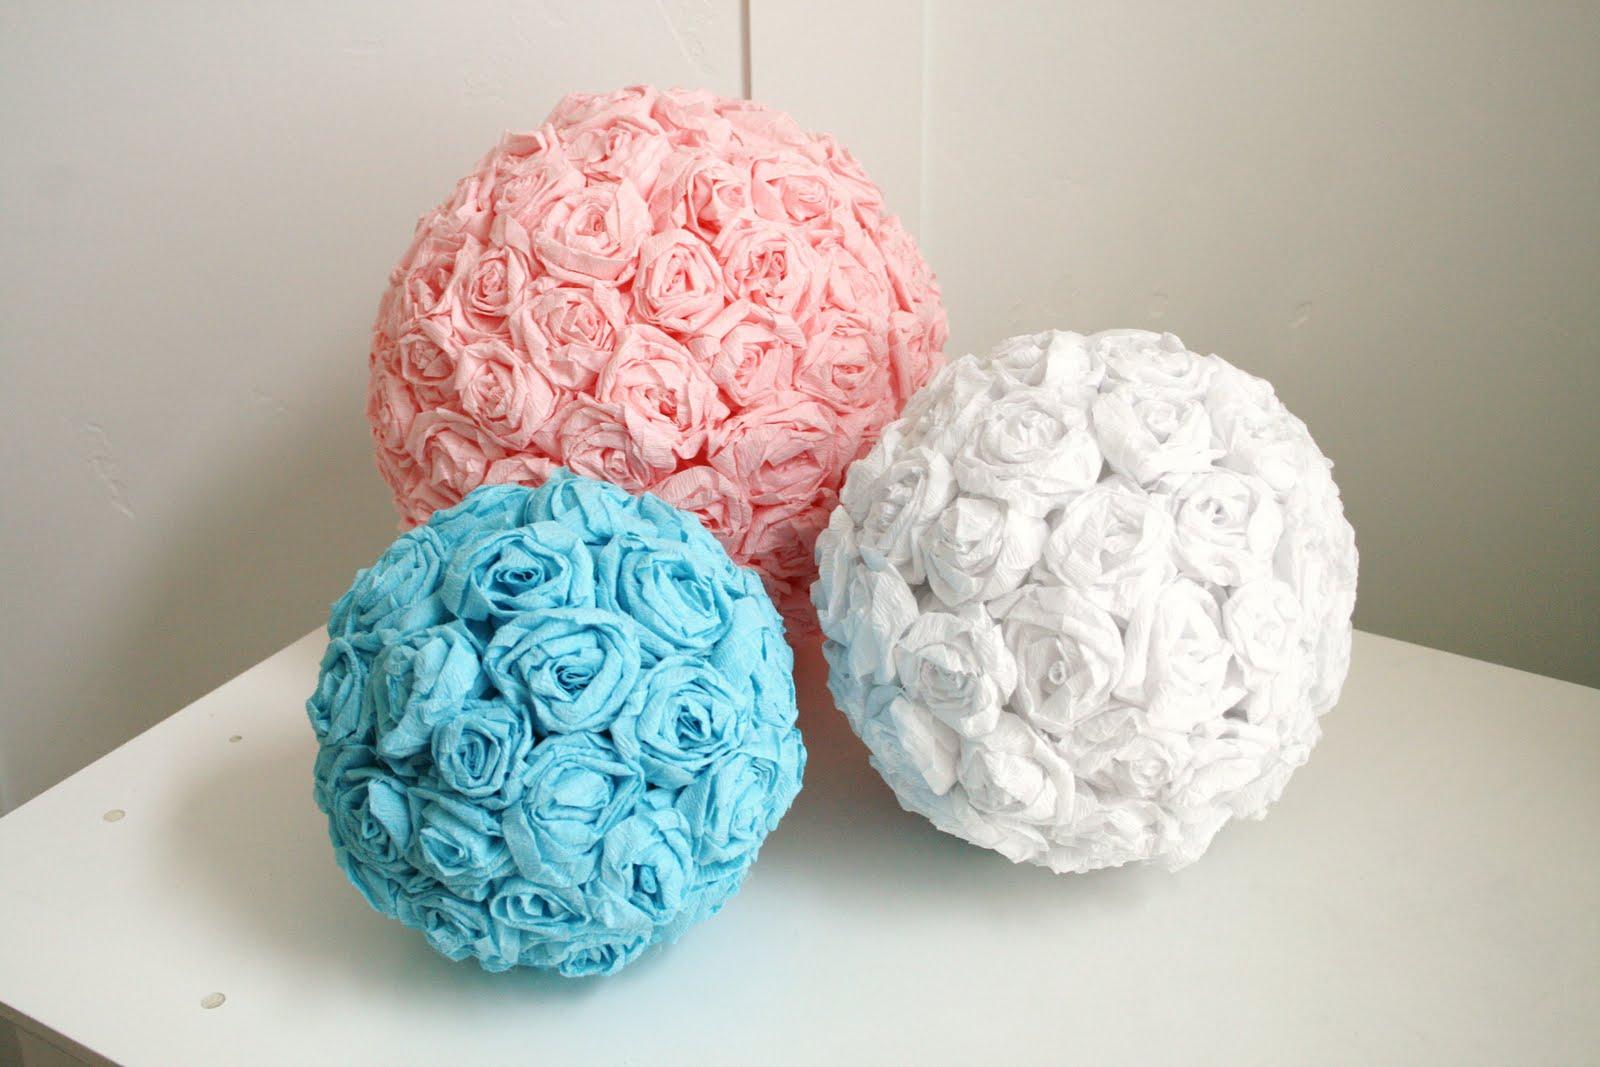 Также сегодня популярно использовать в декорировании не только огромных размеров цветы, но и маленькие, склеенные в большие шары.